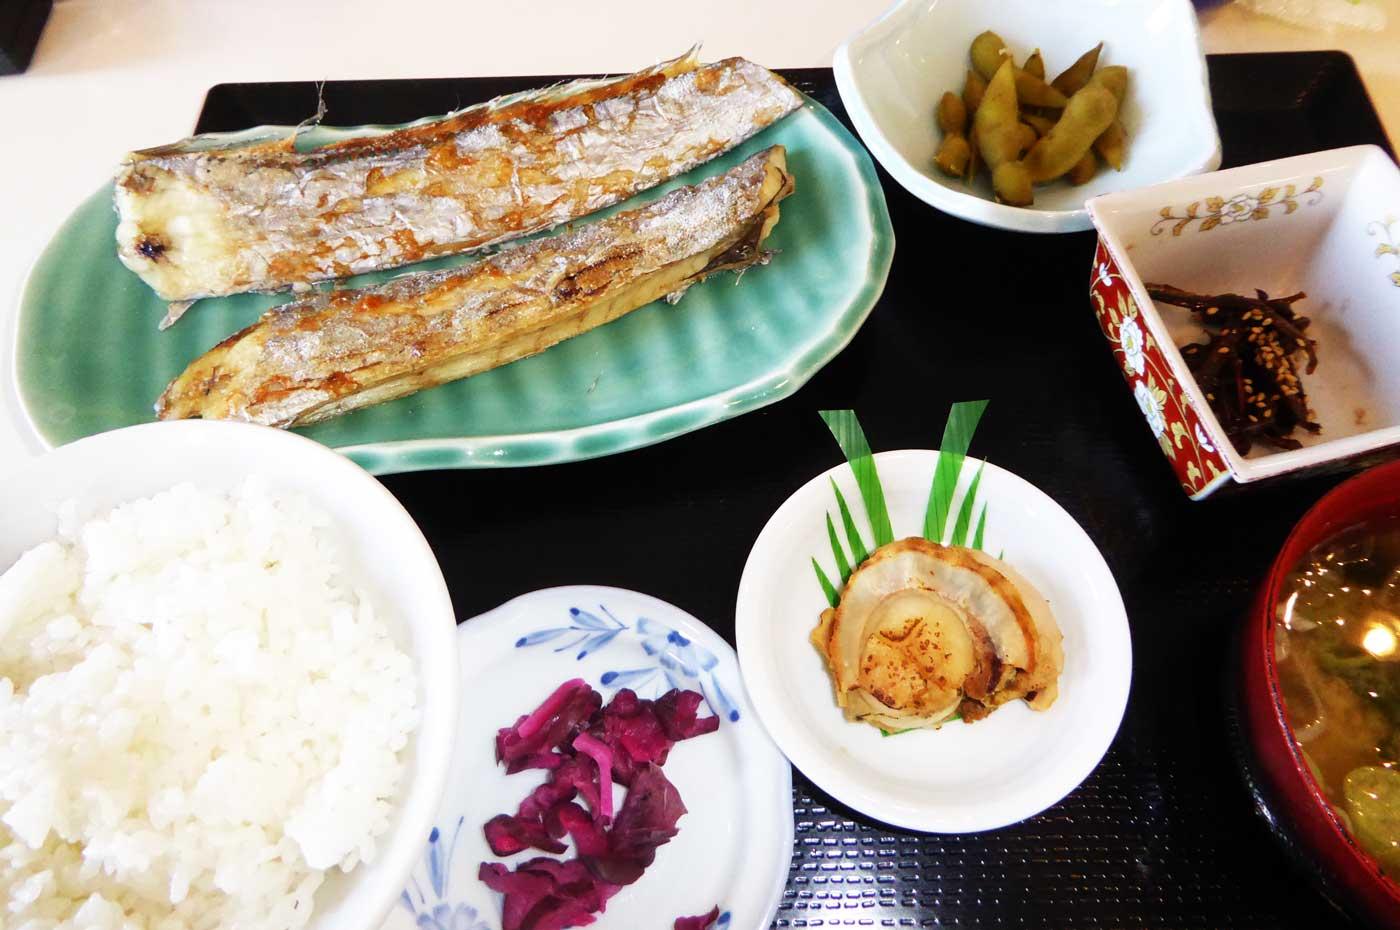 太刀魚の焼き魚定食の写真